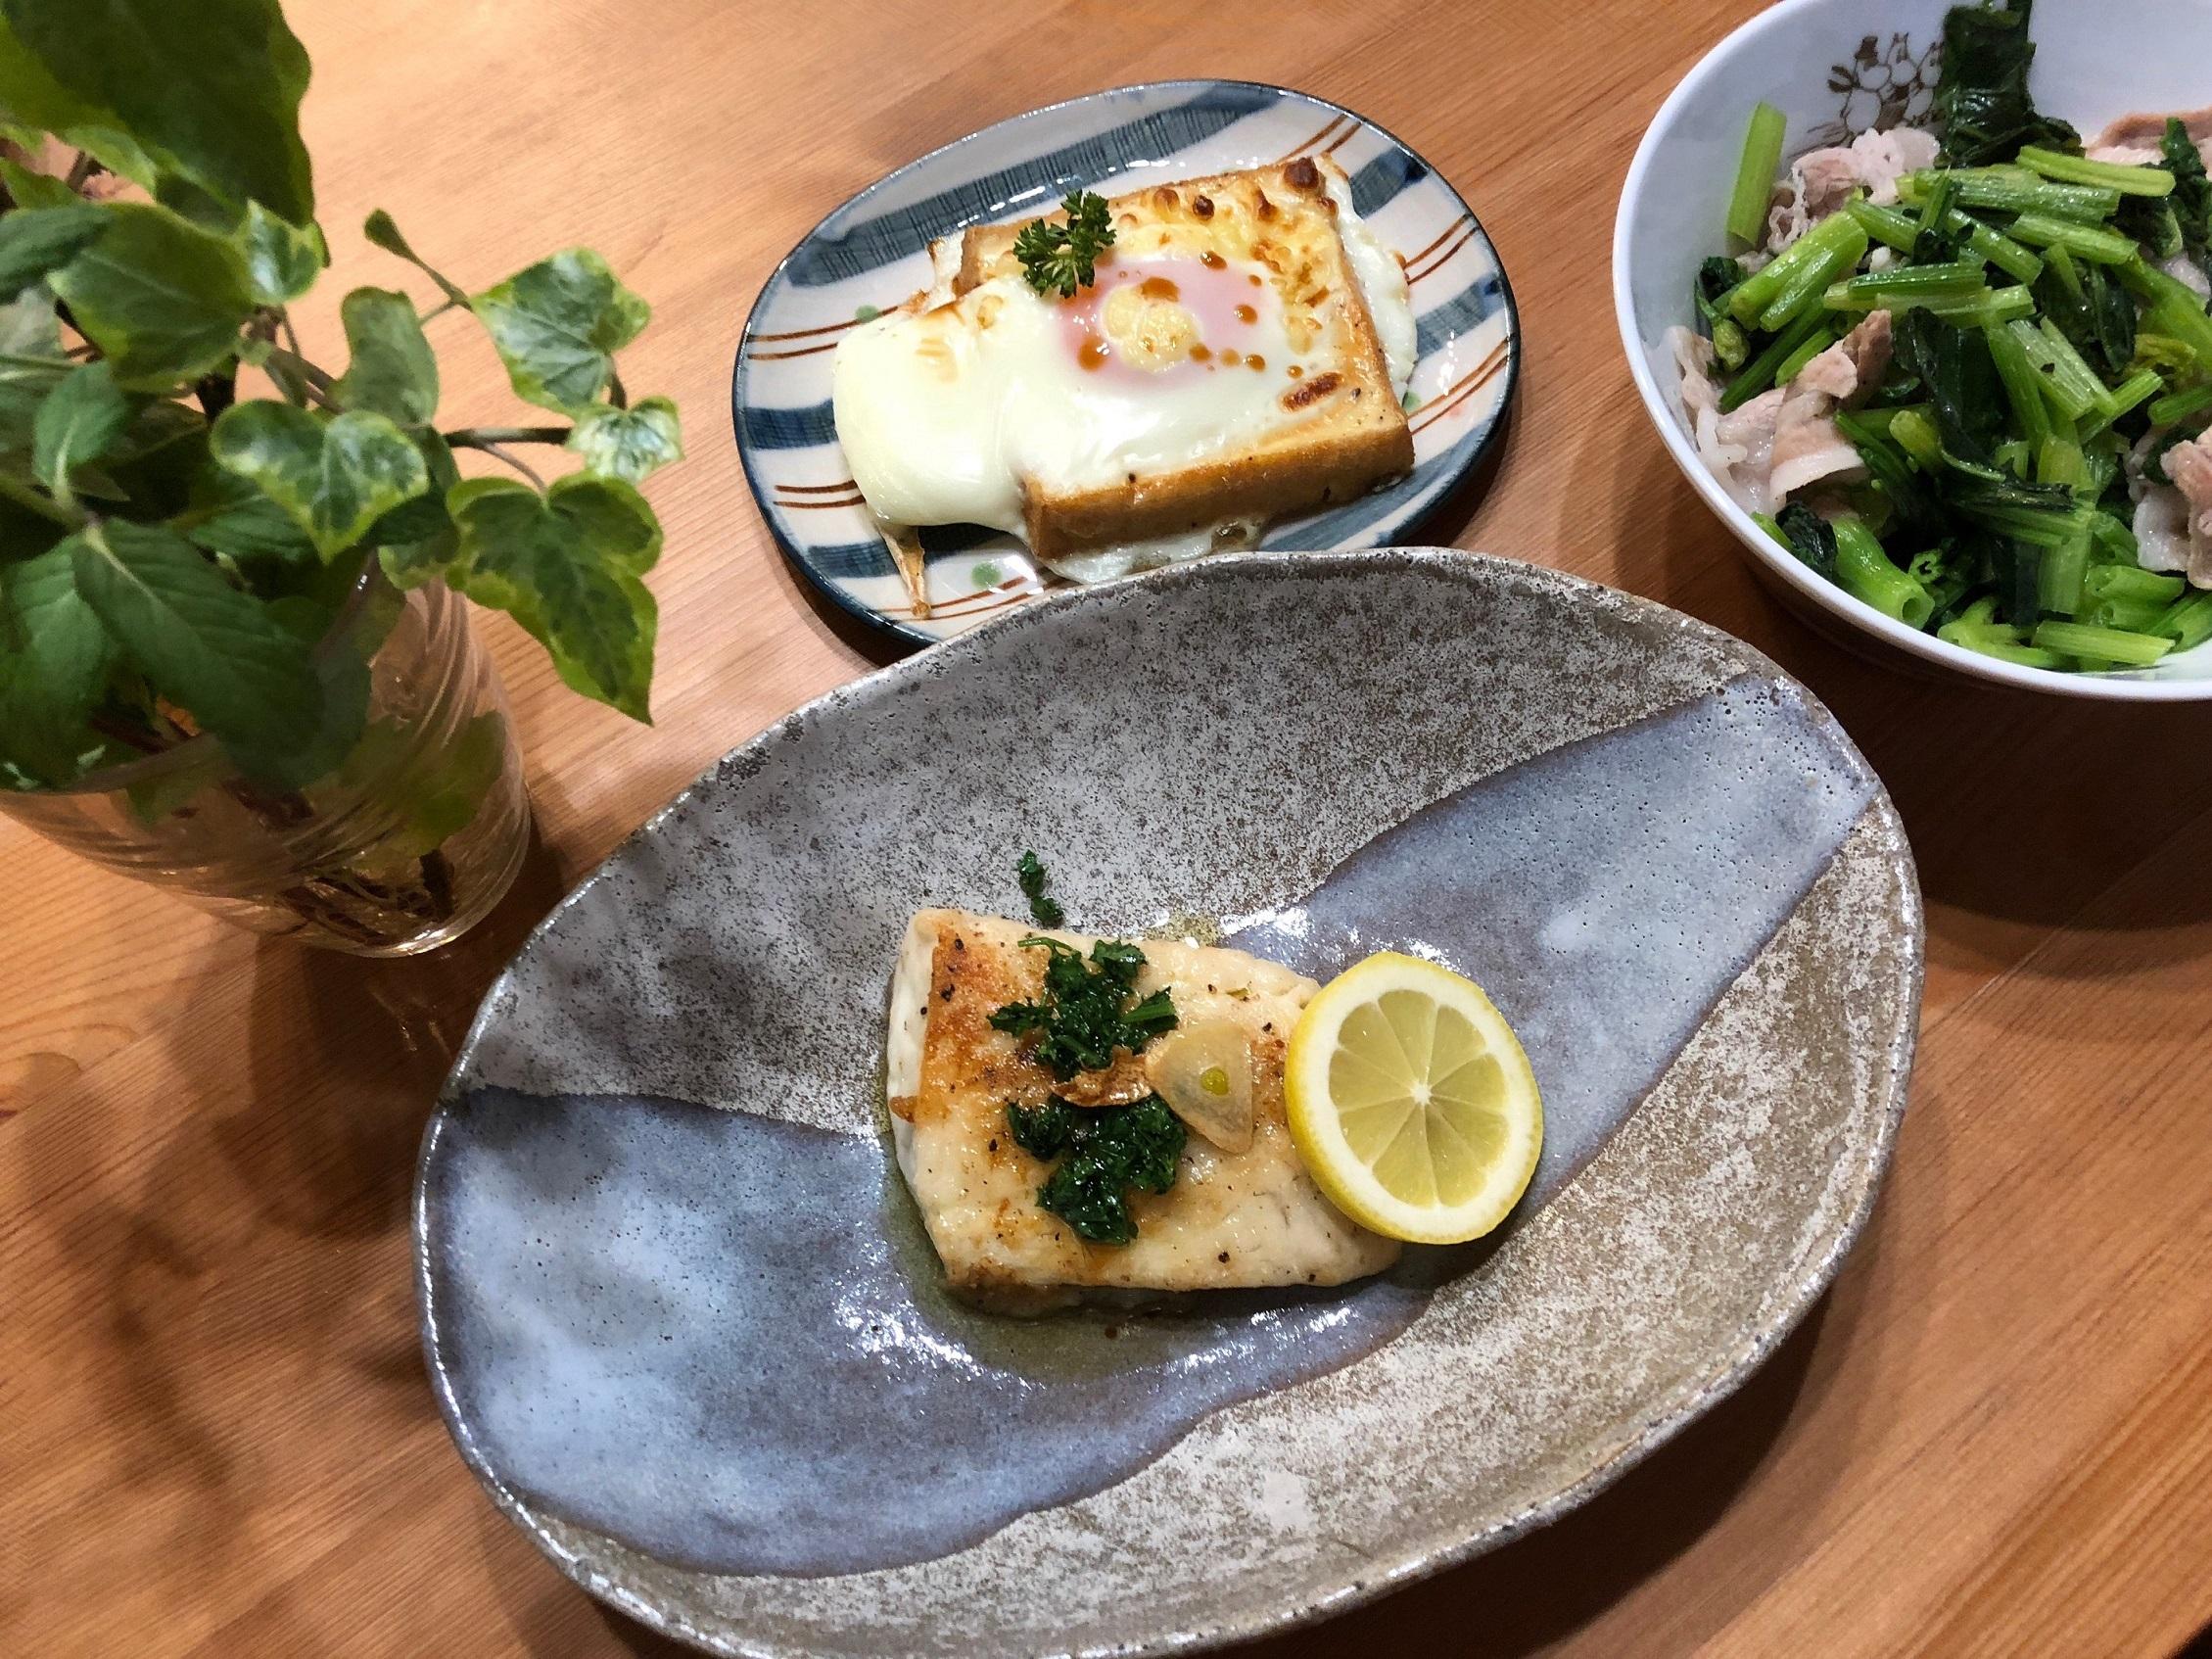 今日のご飯☆タイのニンニクソテー、厚揚げに卵のっけ、ほうれん草と豚肉の中華風炒め物